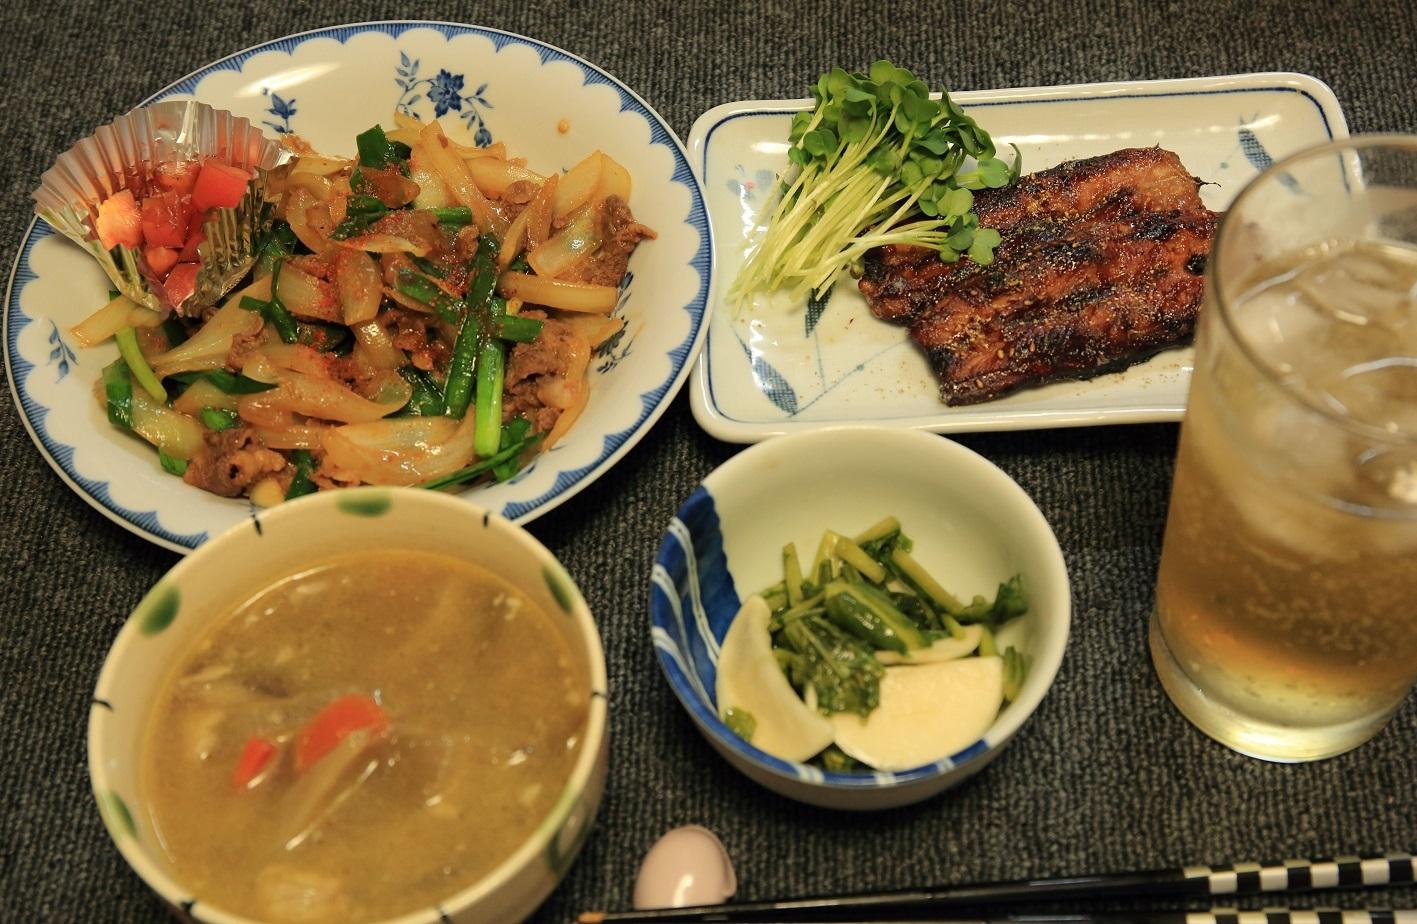 ブログ 玉ねぎ大量 夕食.jpg